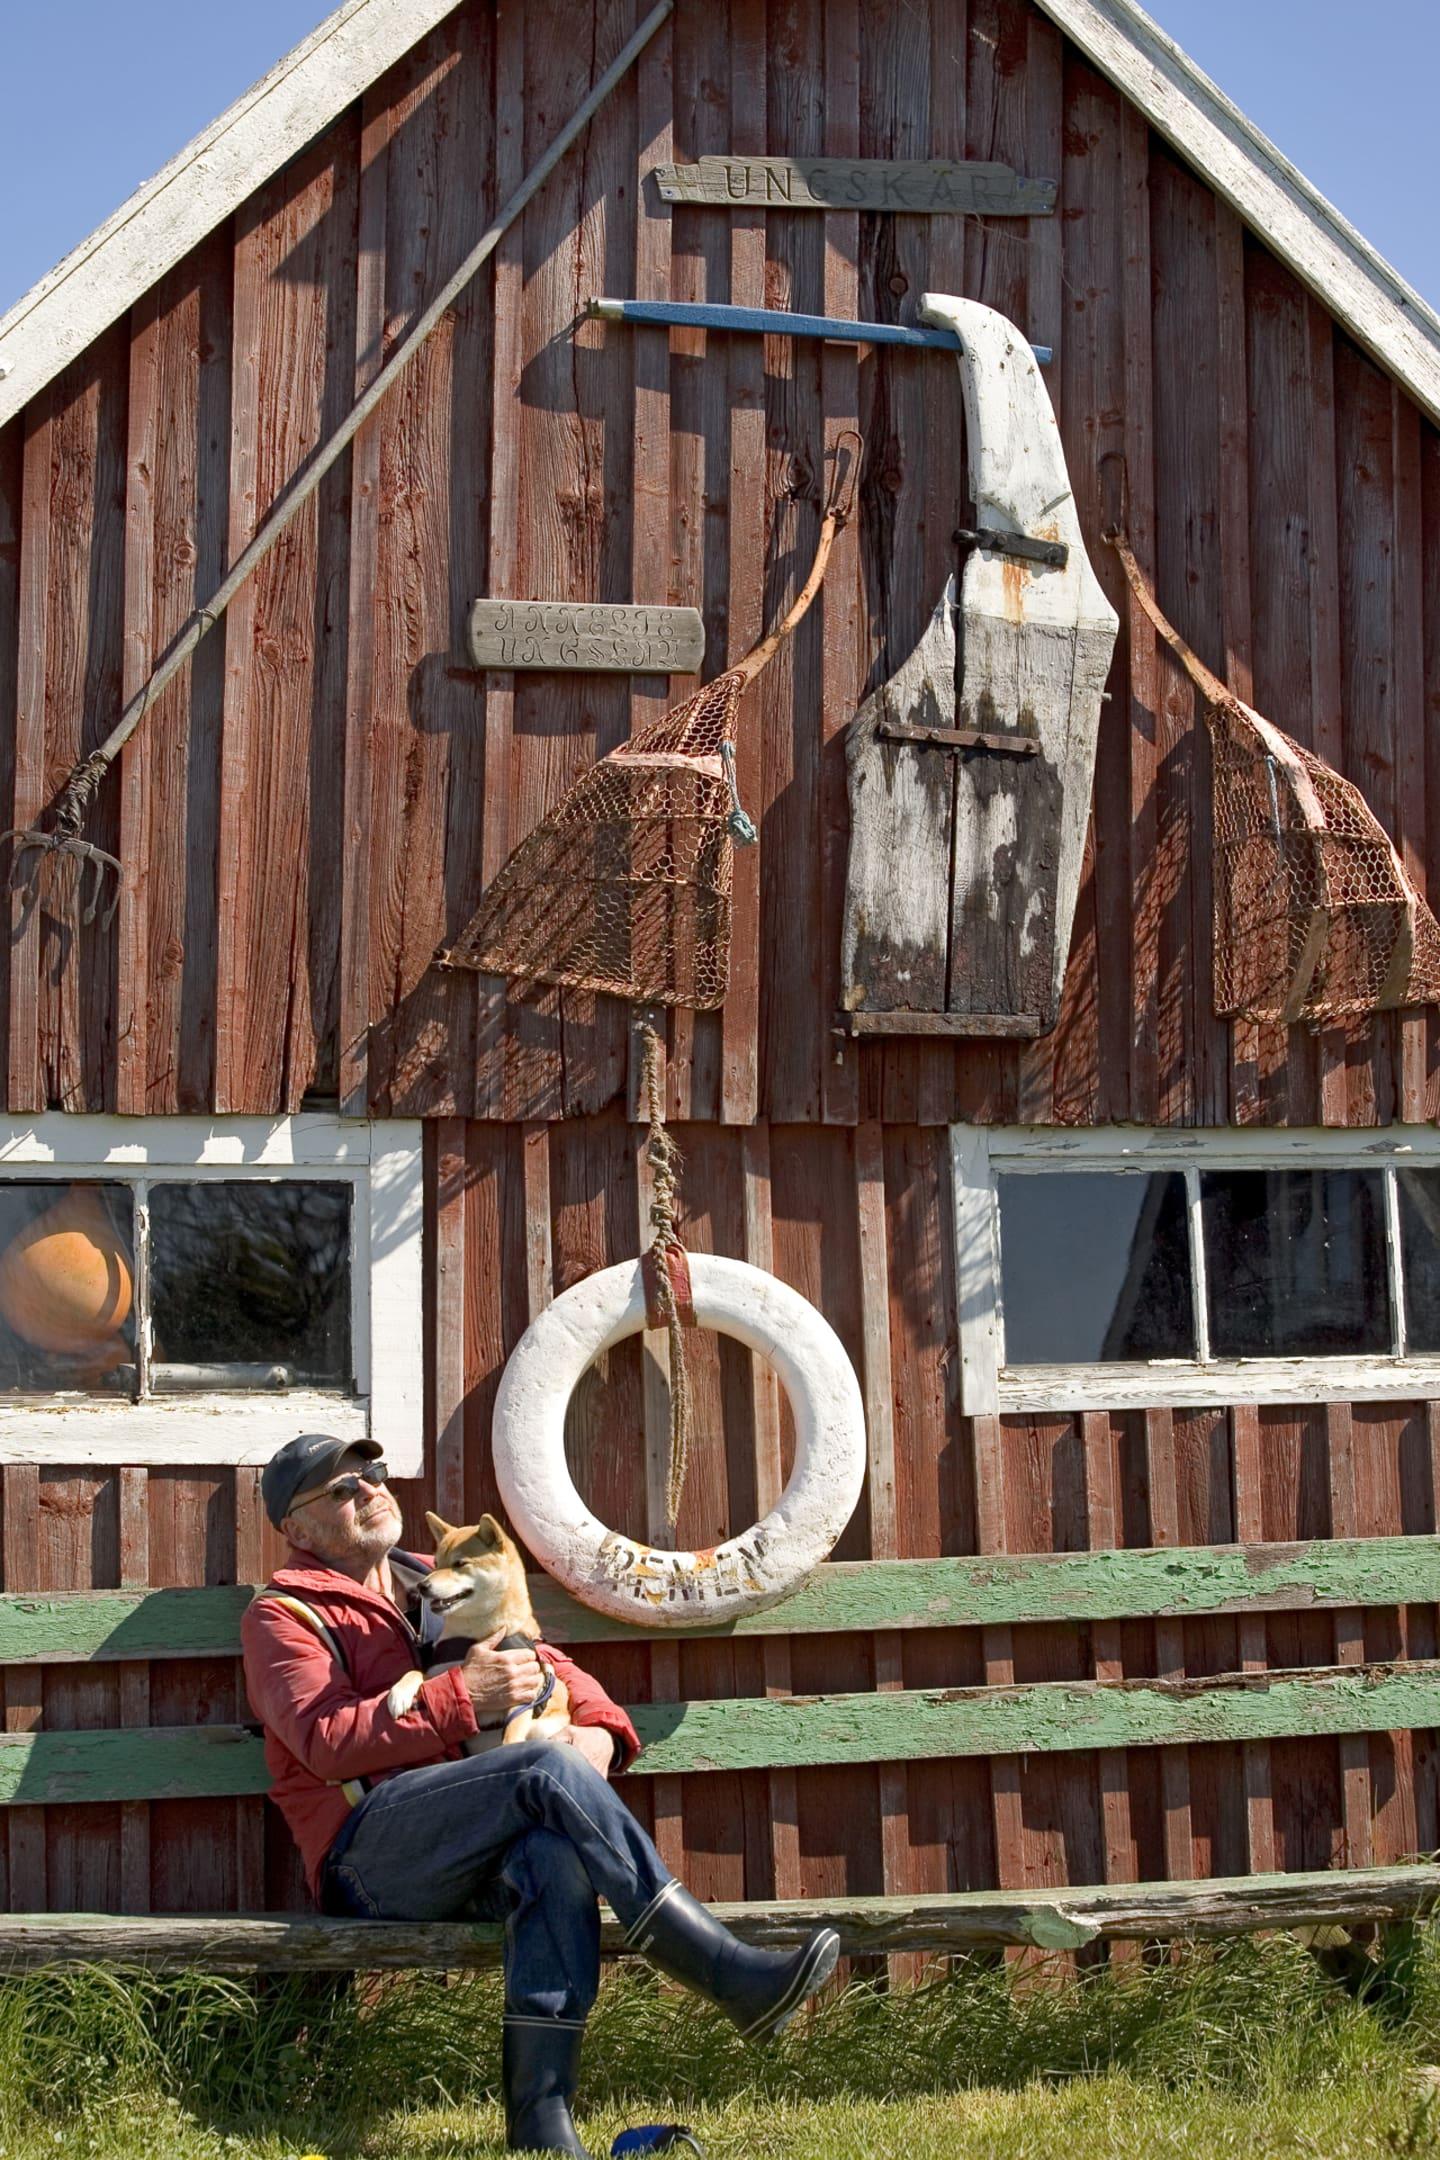 Claes Löwdahl njuter av liter som öbo i Karlskrona skärgård. Som seglare trivs han nära havet.